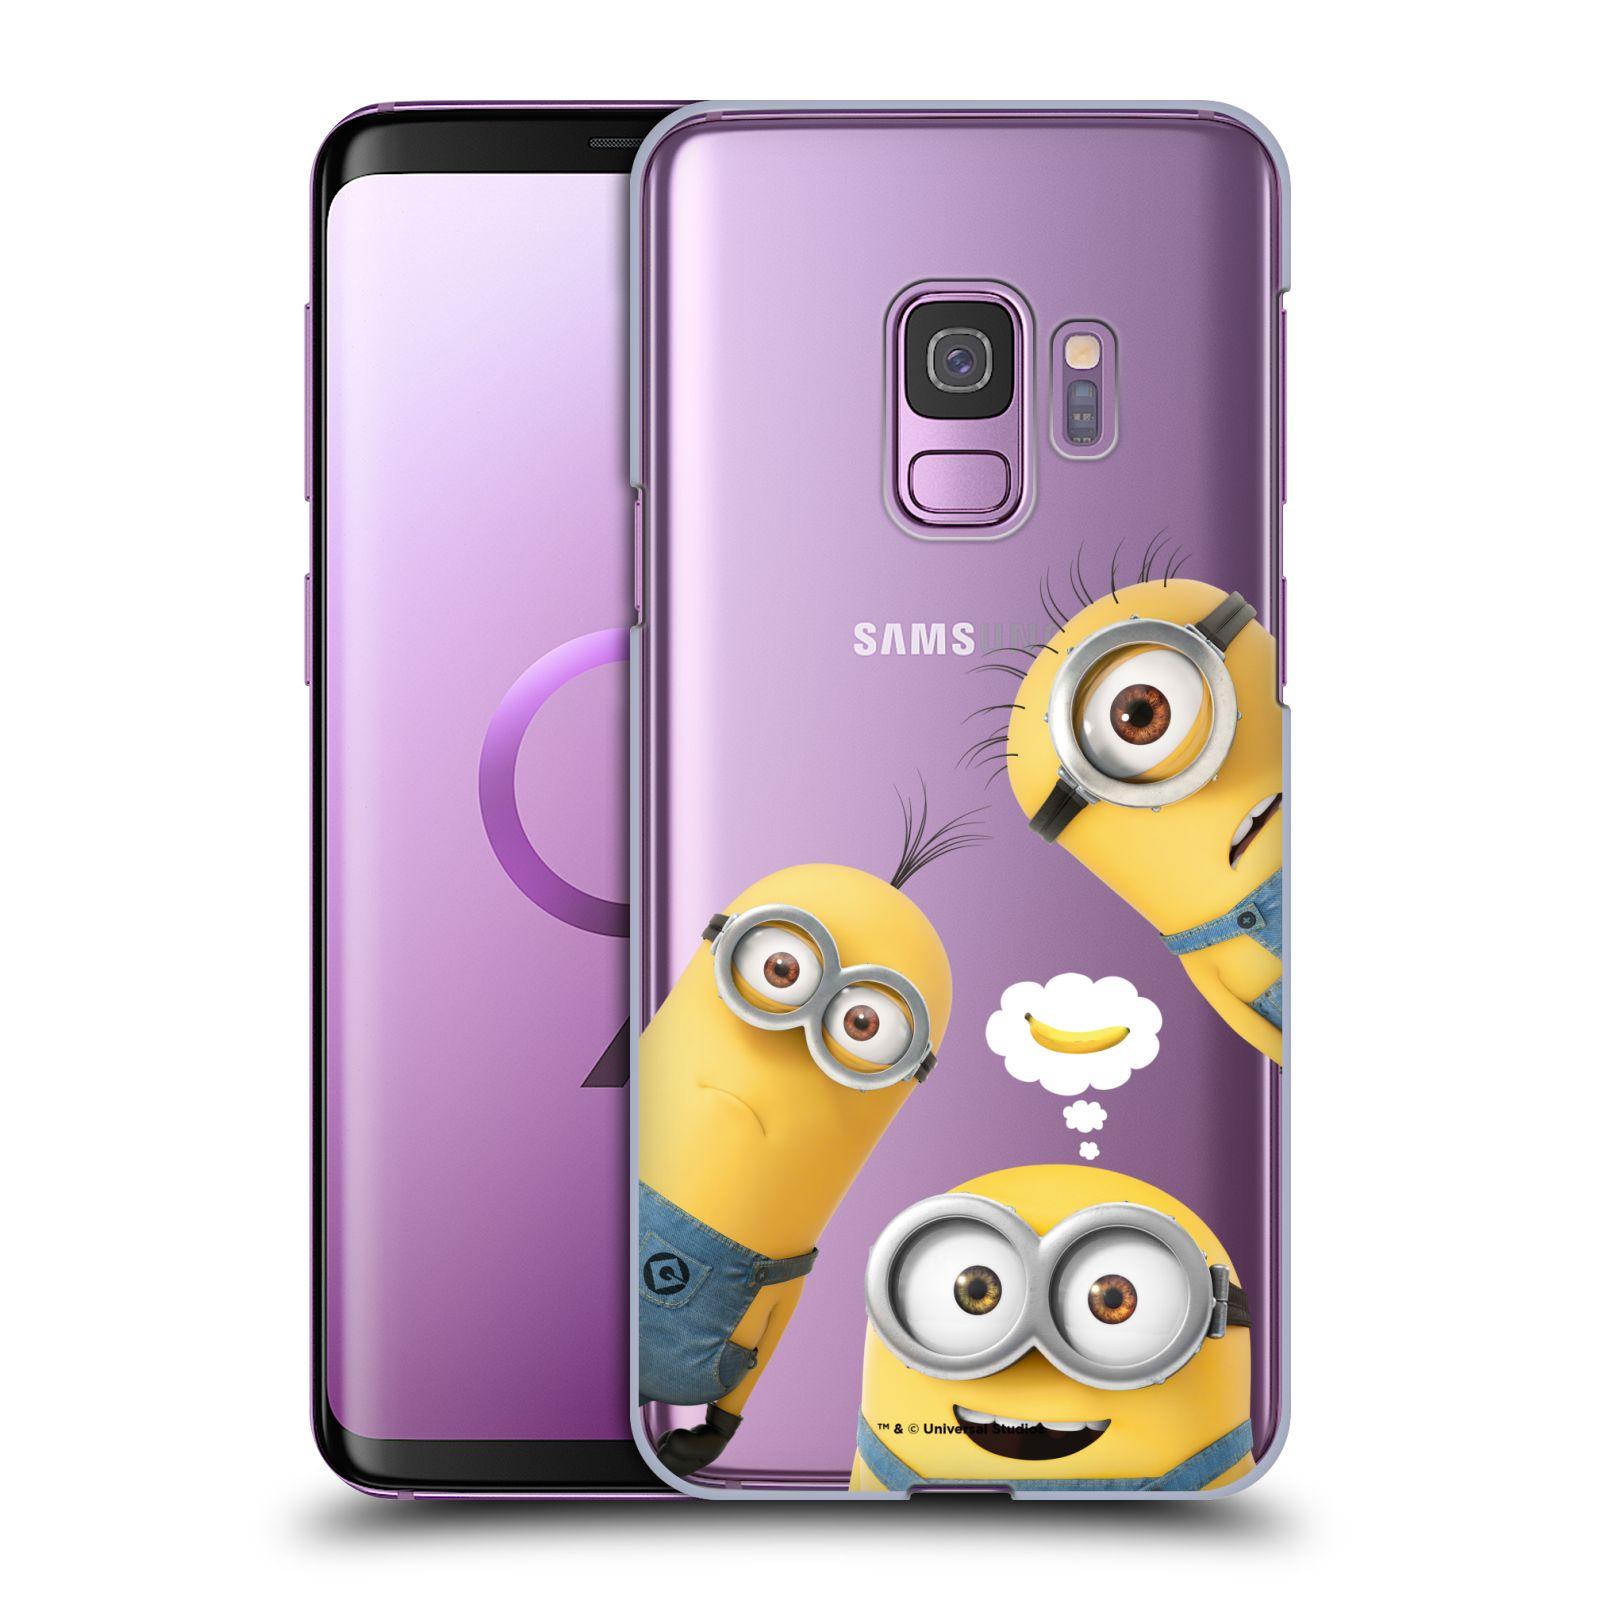 Plastové pouzdro na mobil Samsung Galaxy S9 - Head Case - Mimoni Banana z filmu Já, padouch - Despicable Me